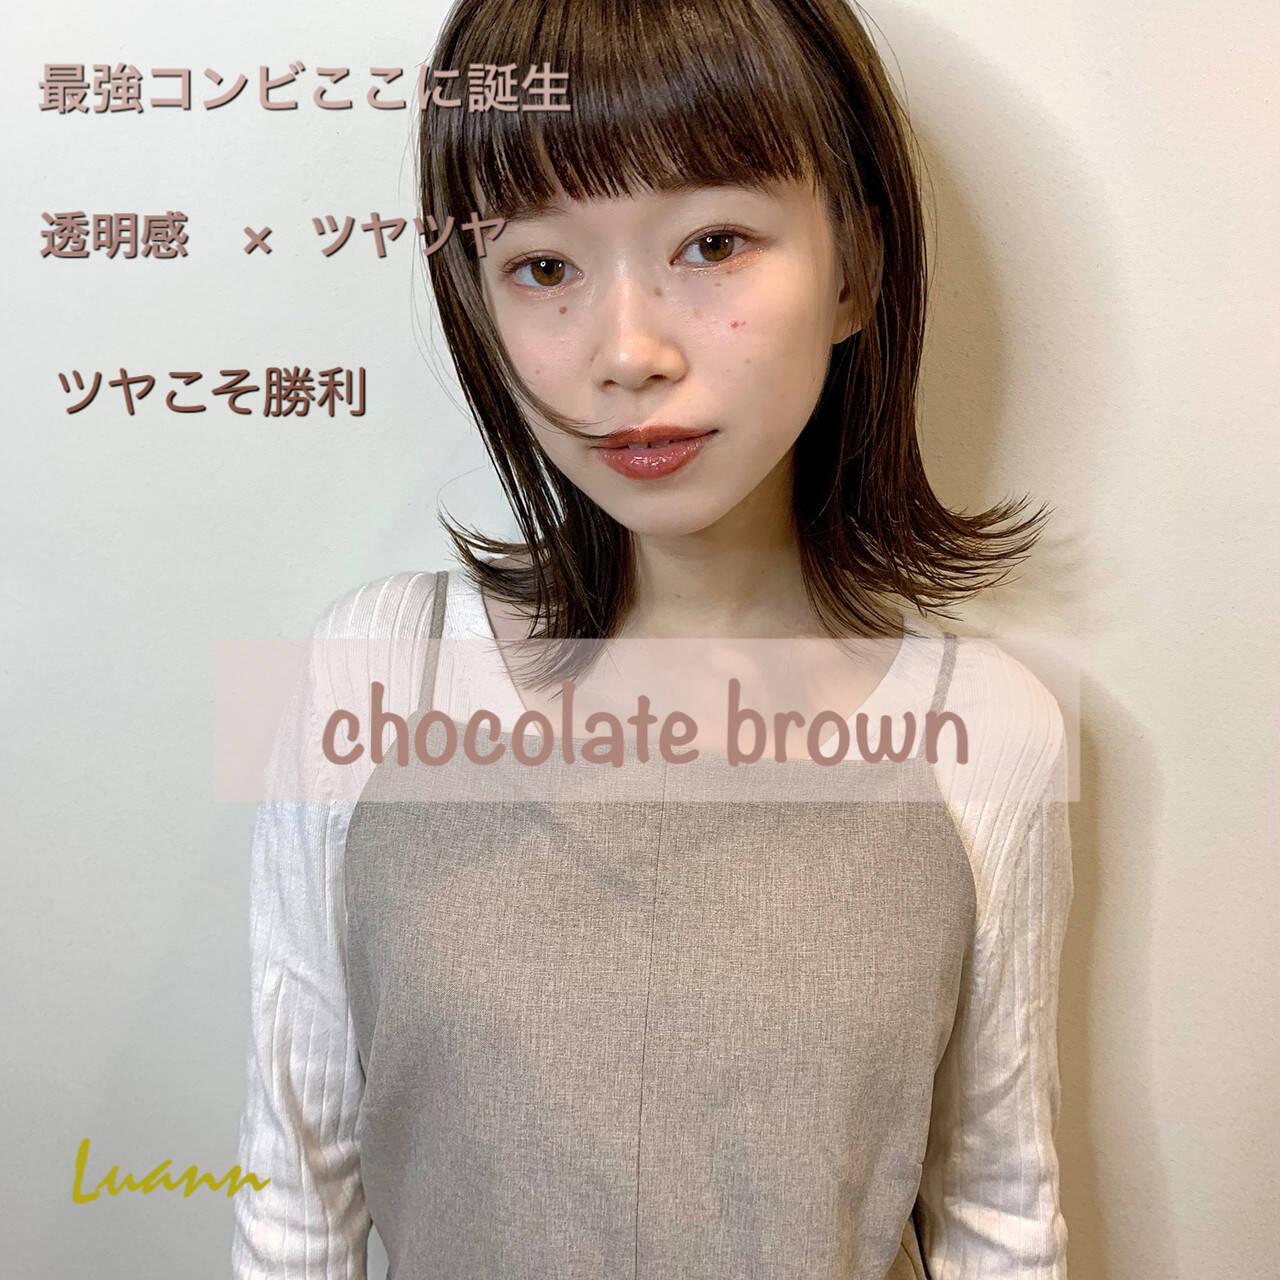 ボブ 切りっぱなし ショコラブラウン ナチュラルヘアスタイルや髪型の写真・画像